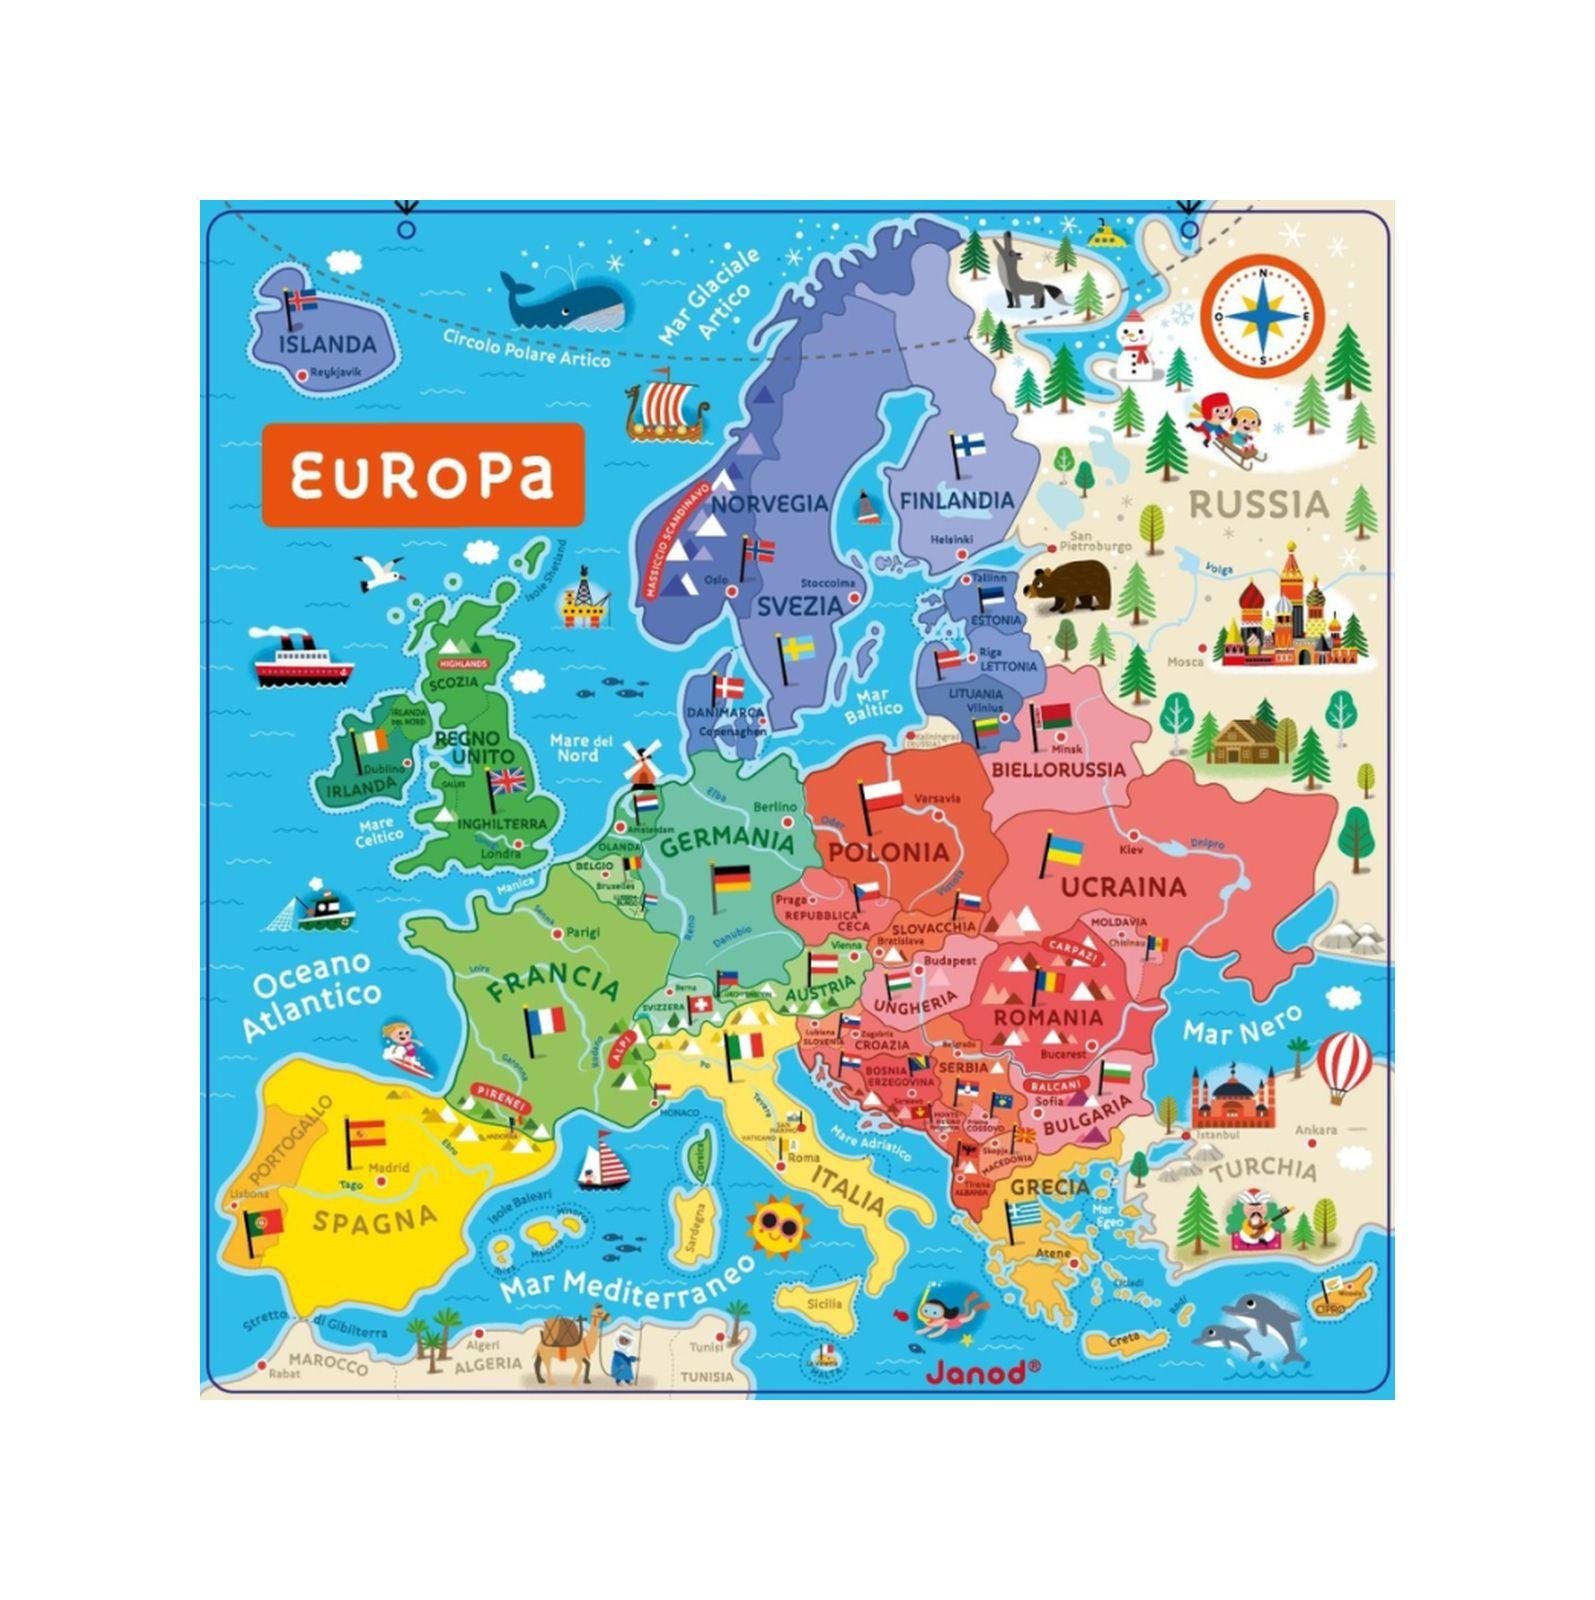 Cartina Europa.Cartina Magnetica Europa Toys Center